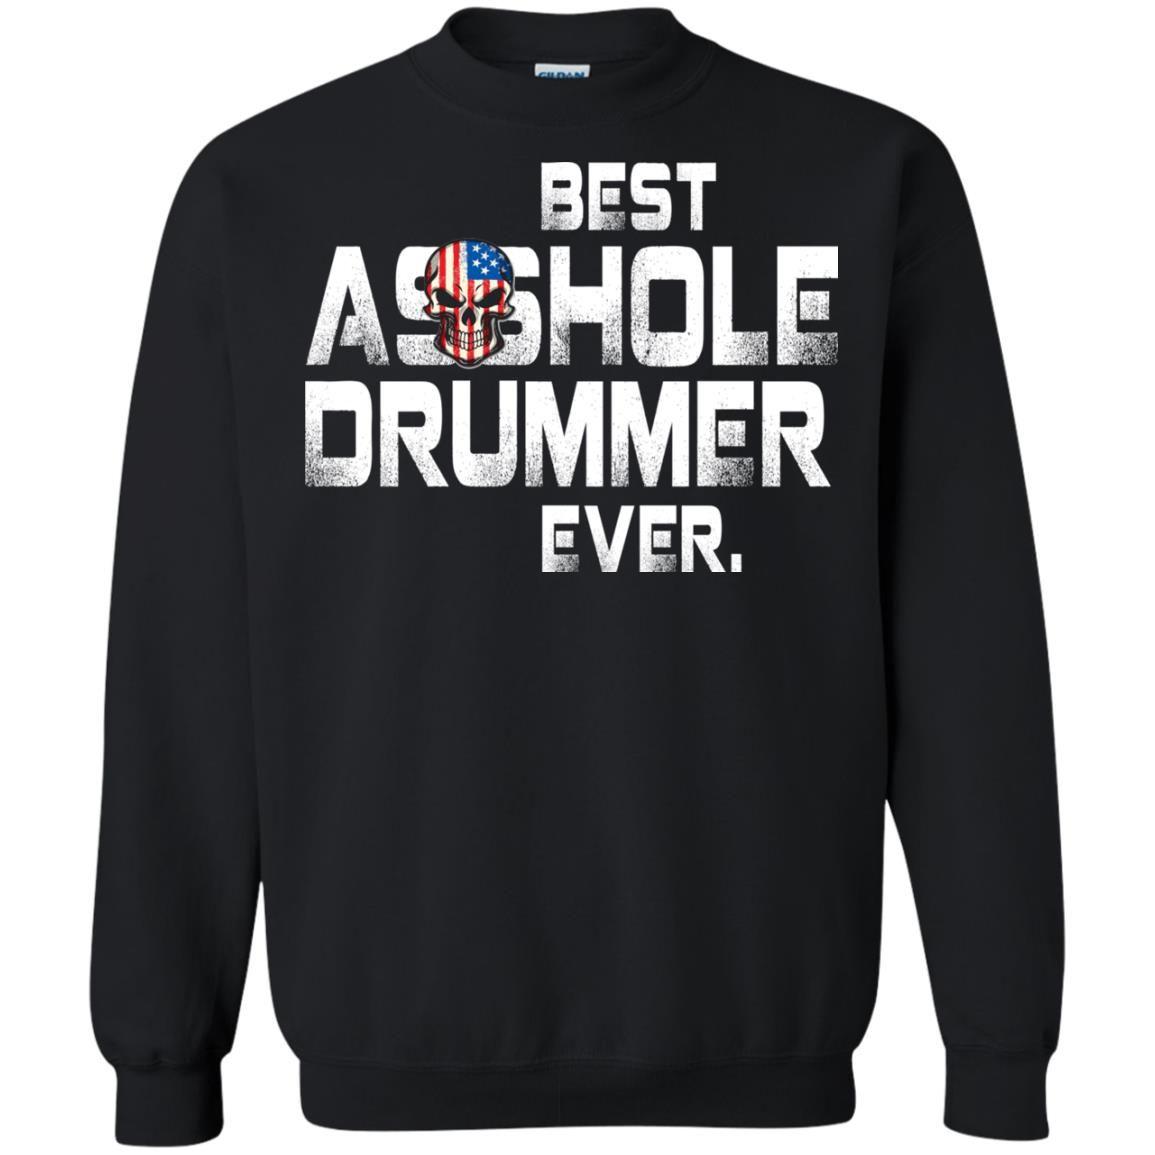 image 1642 - Best Asshole Drummer Ever shirt, sweater, tank top